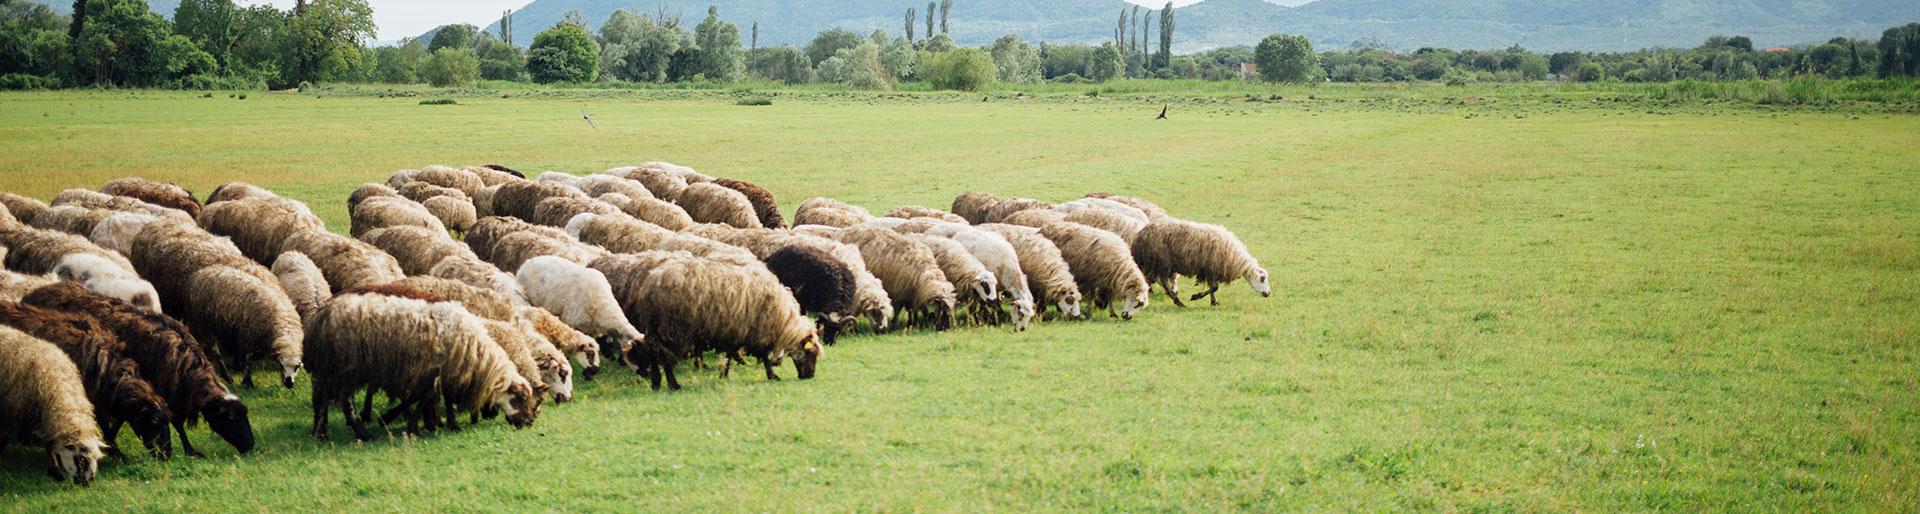 troupeau agneaux